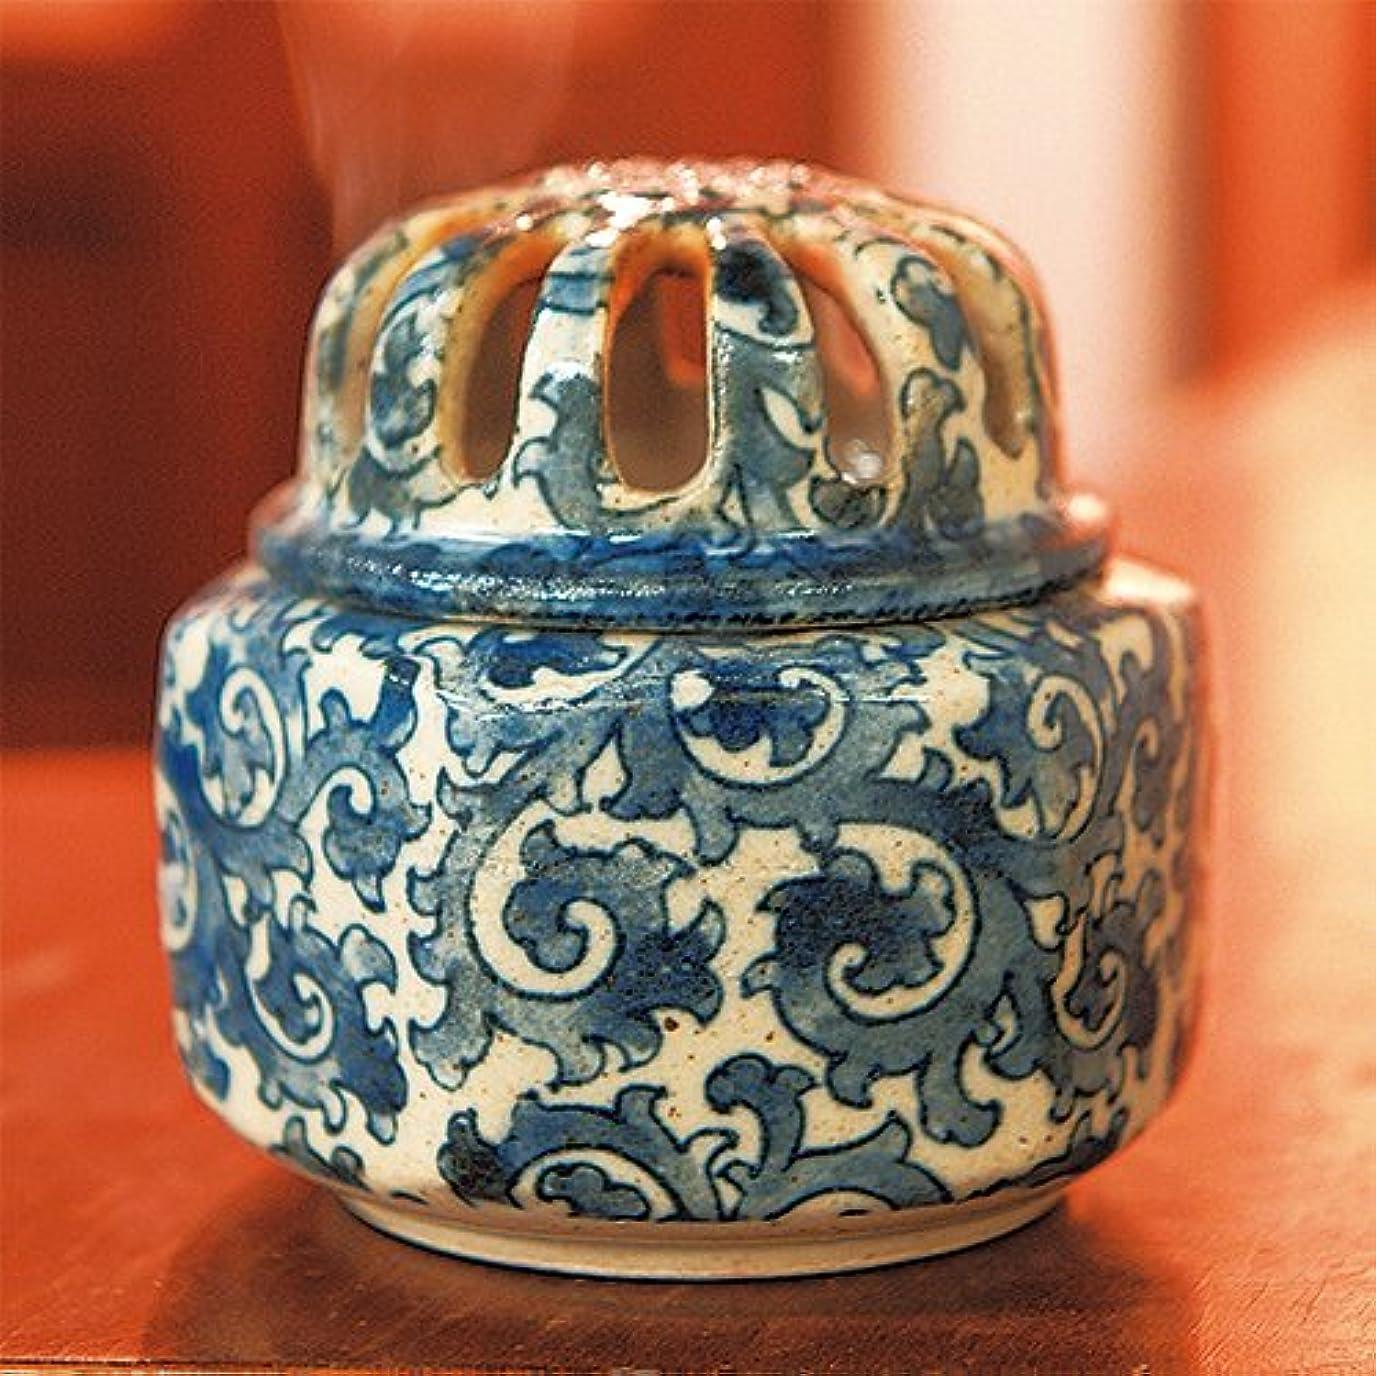 住居バンドハブブ香炉 土物 タコ唐草 福香炉 [R8.8xH8.7cm] プレゼント ギフト 和食器 かわいい インテリア